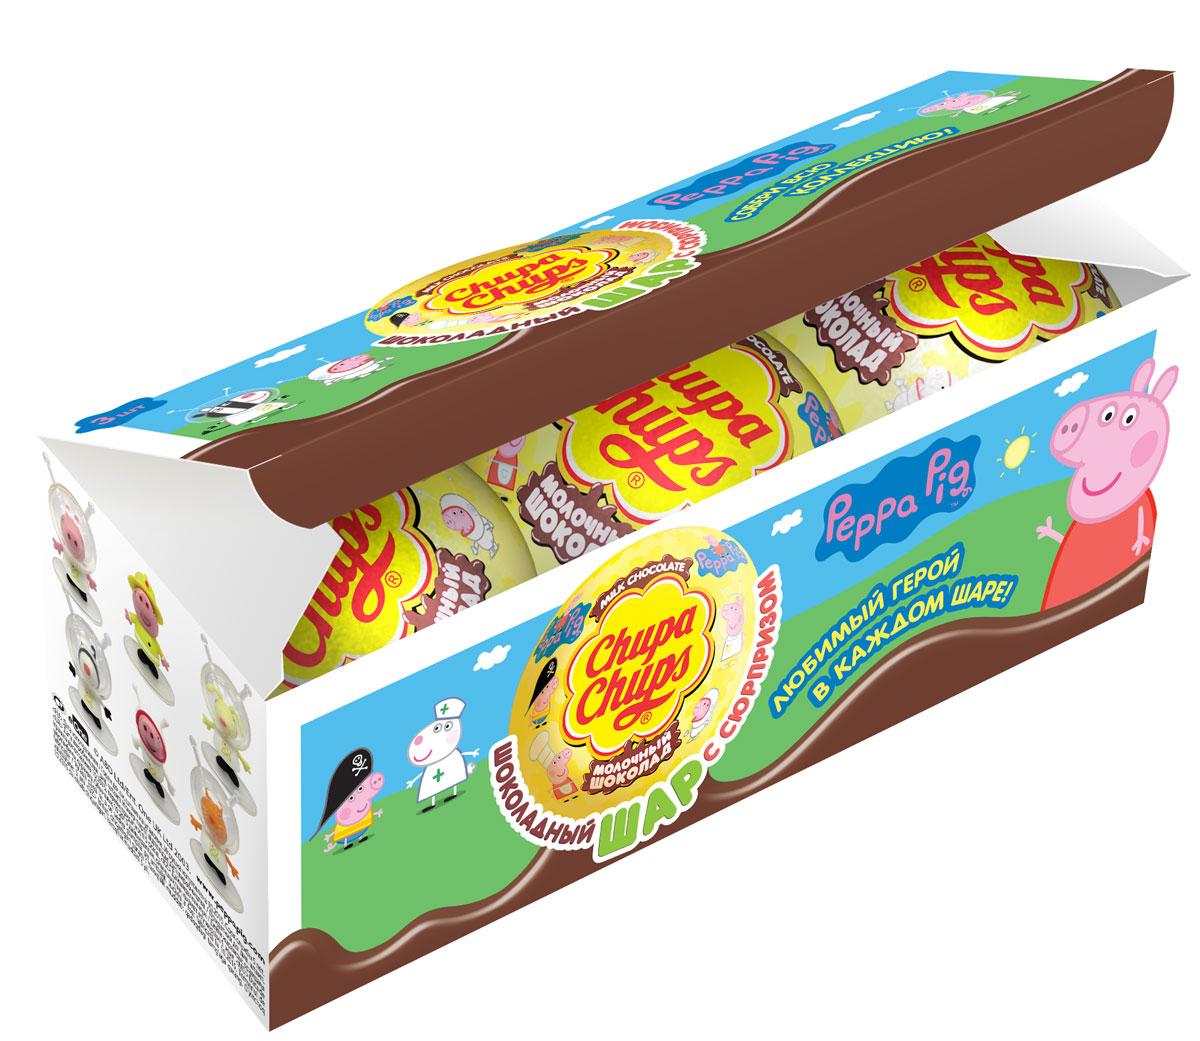 Chupa Chups Молочный шоколад Peppa Pig, 3 шт по 20 г купить шоколад для шоколадного фонтана на китайском сайте